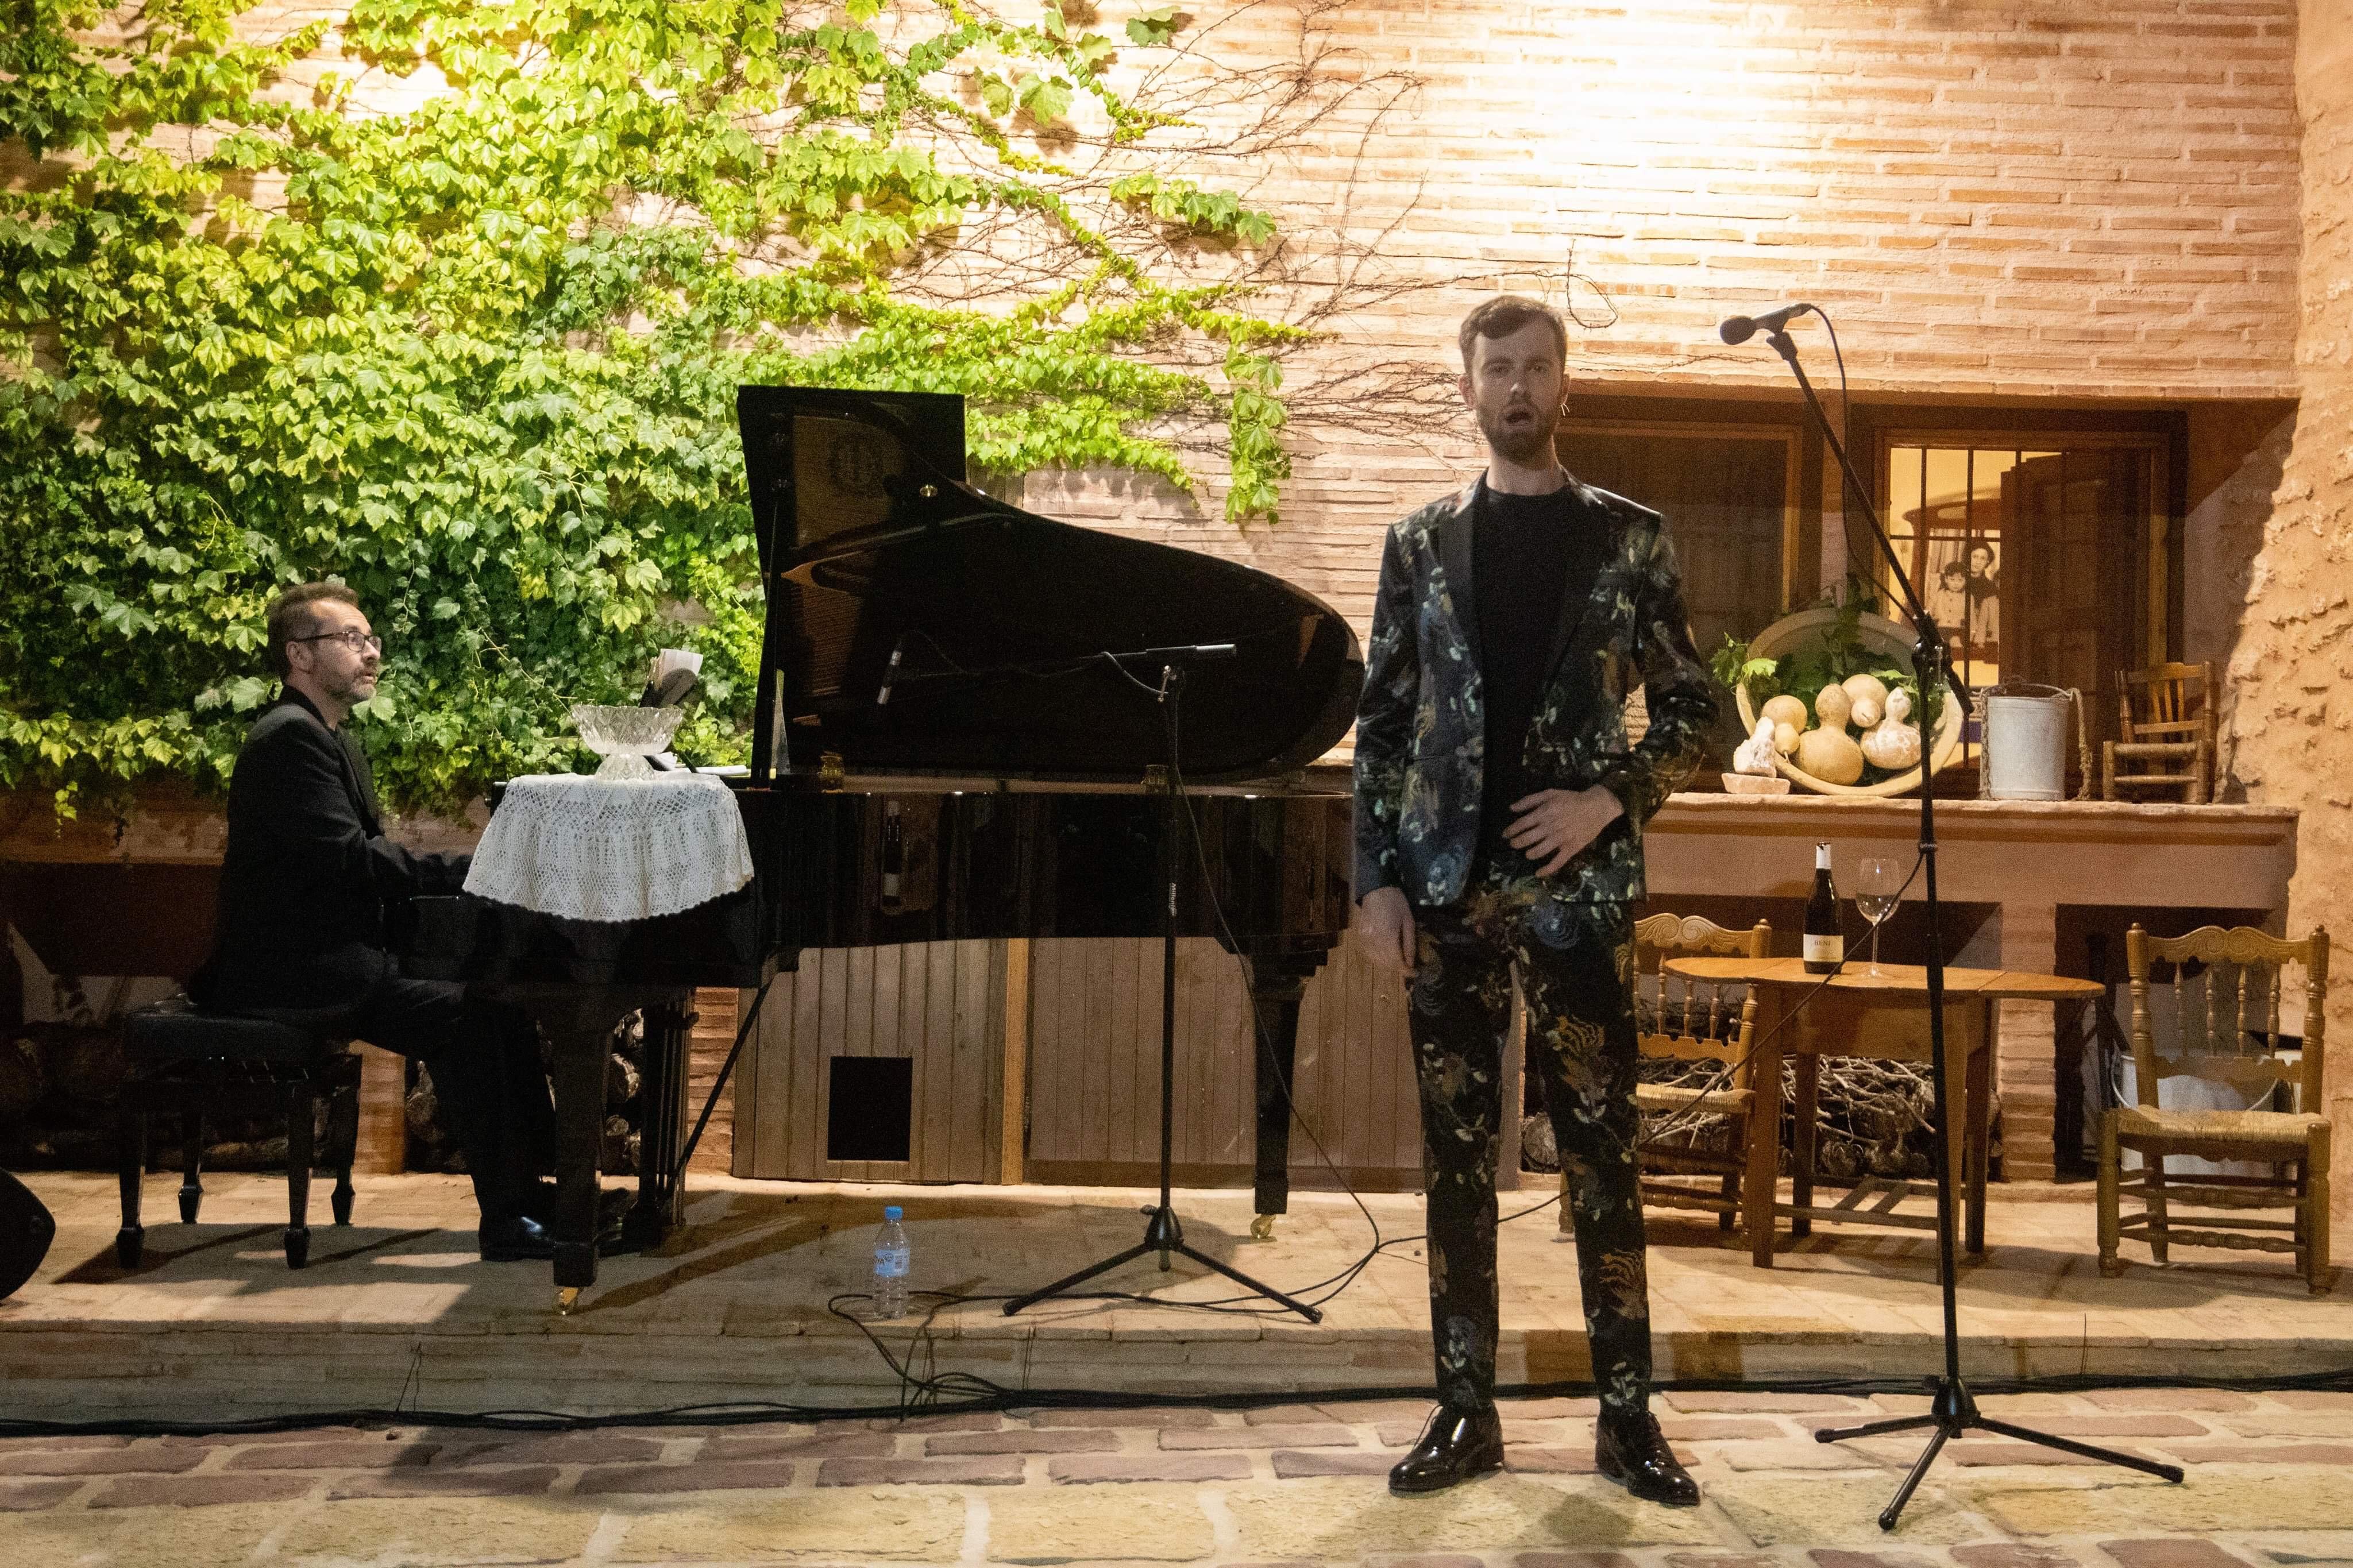 Konstantin Derri